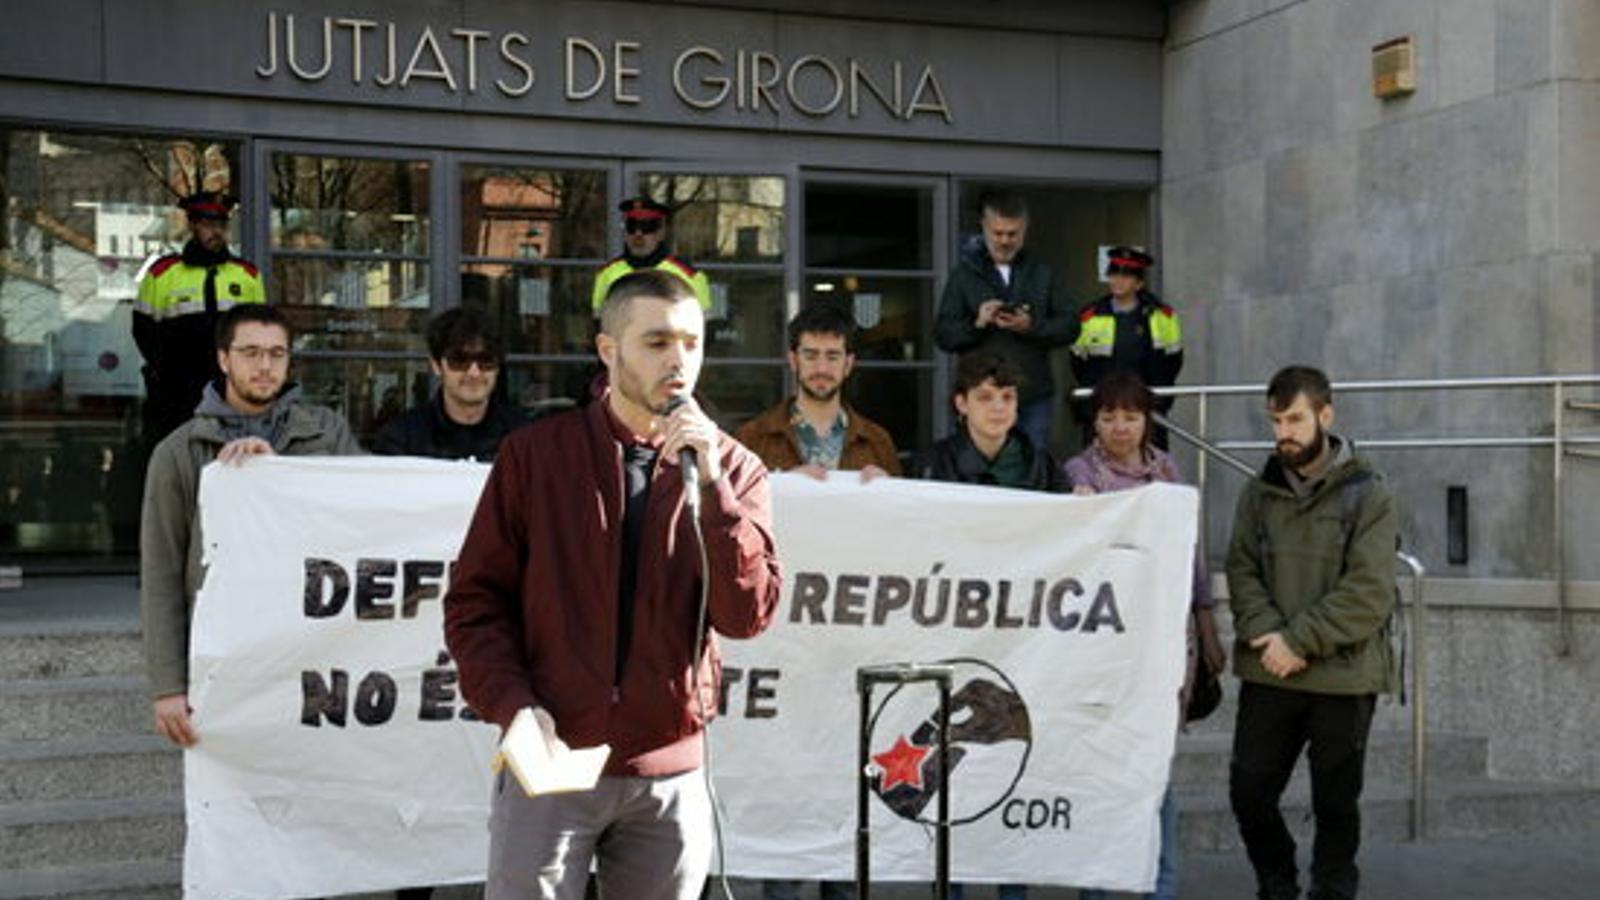 El secretari nacional de l'ANC detingut a Madrid queda en llibertat i haurà de presentar-se dimarts al jutjat de Girona